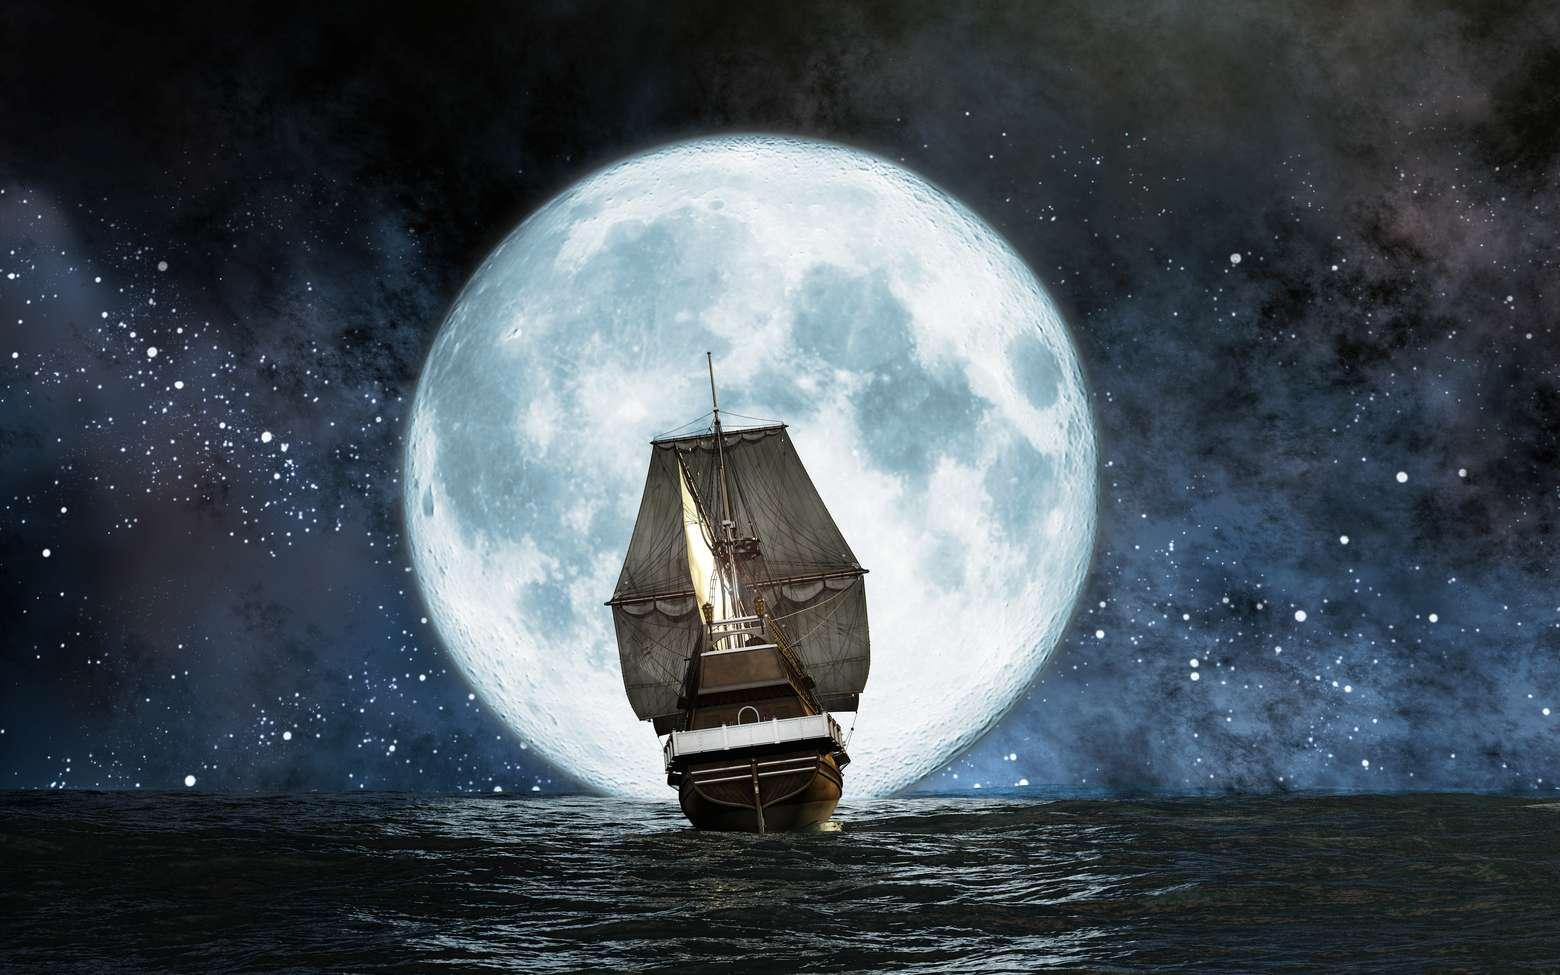 Le meilleur moyen d'atteindre la lune, c'est encore en rêve. © Juango, Fotolia